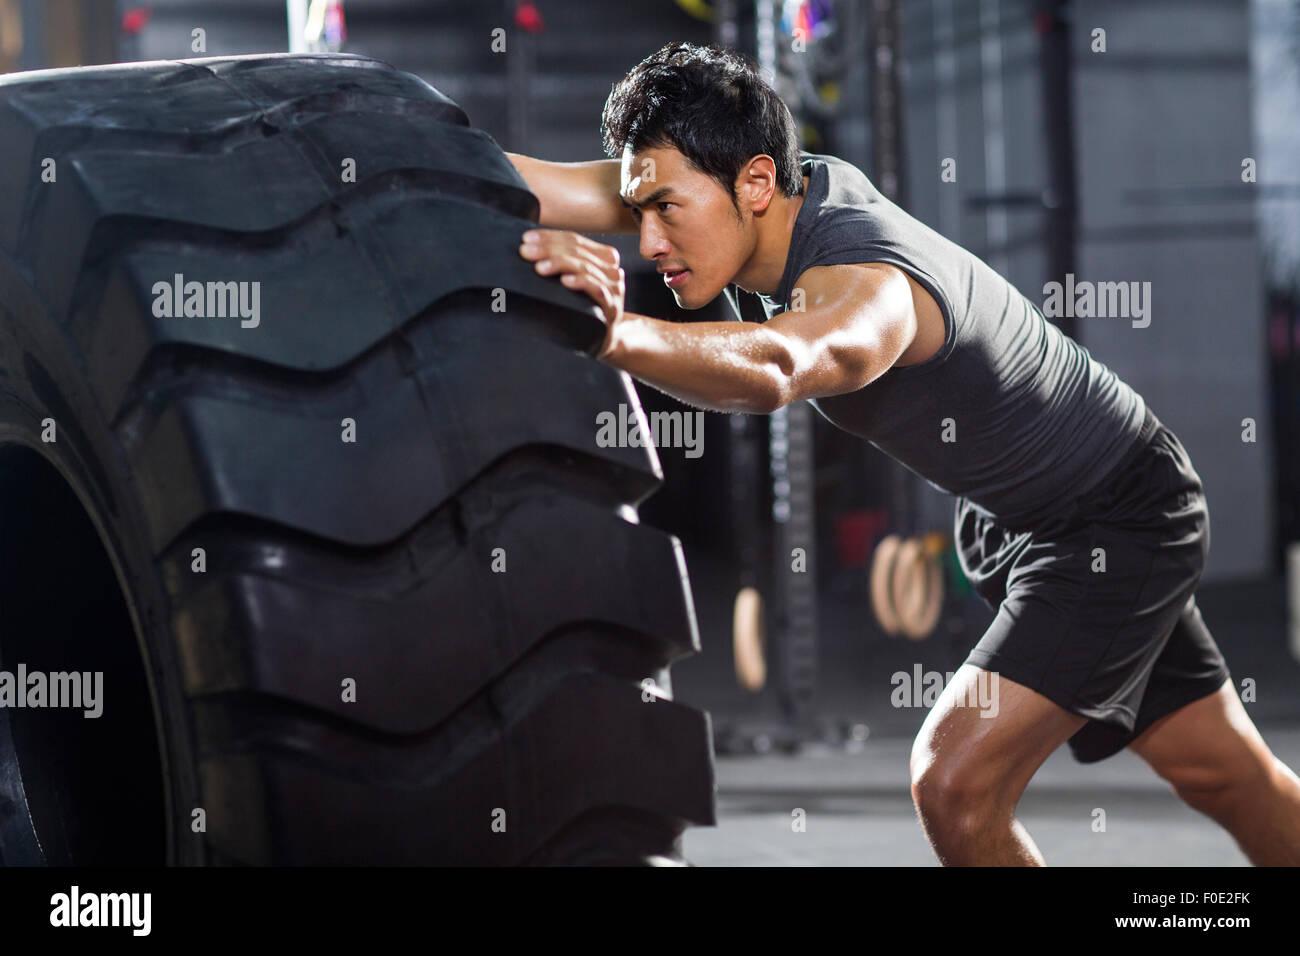 Jeune homme poussant en grand pneu sport crossfit Photo Stock